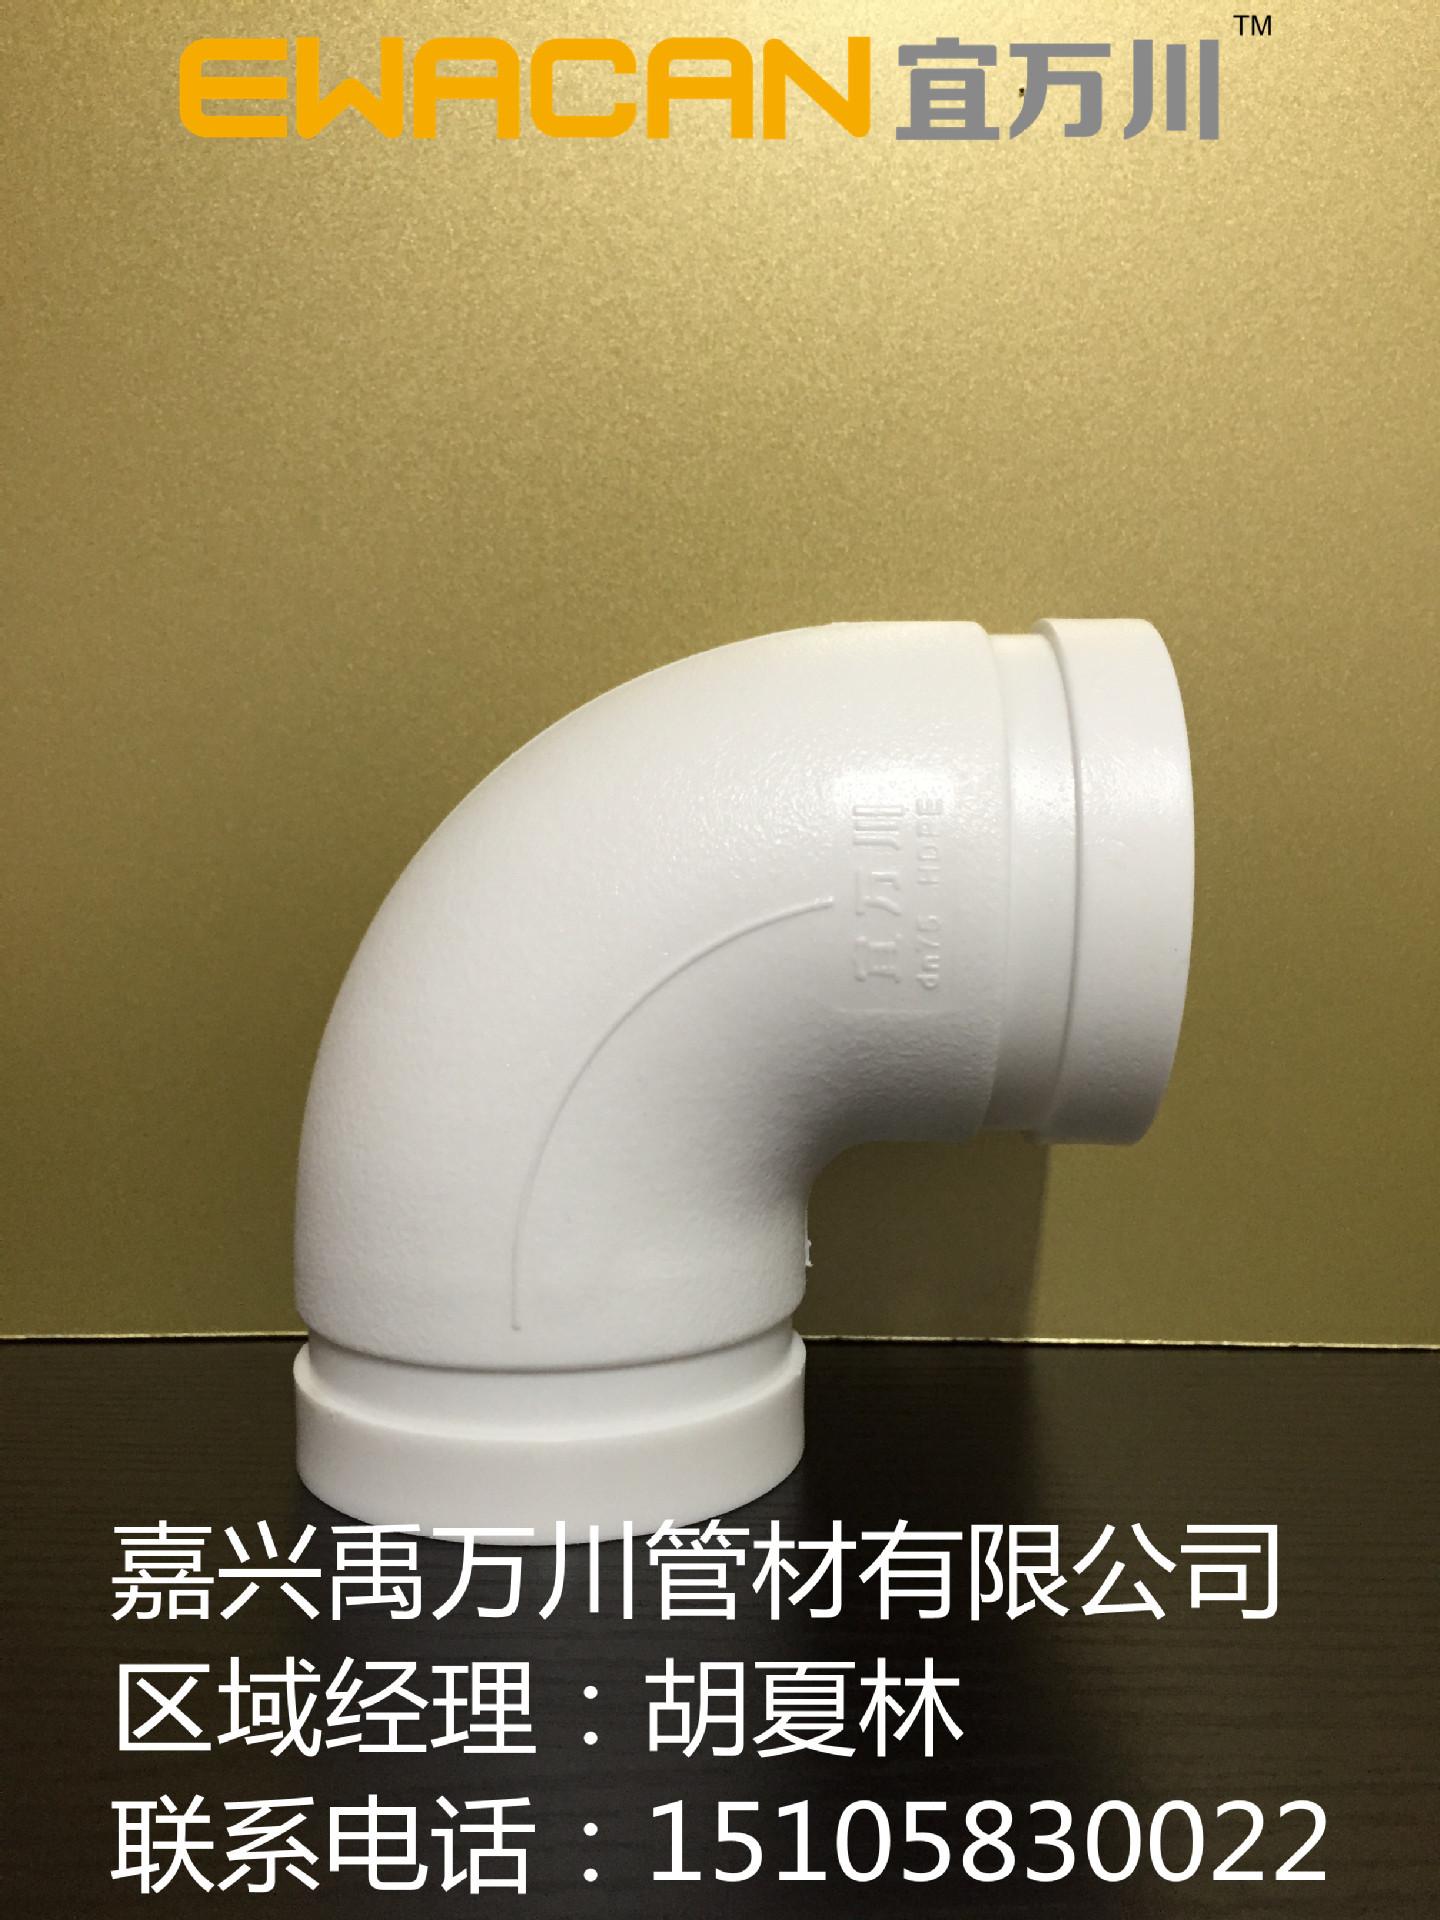 沟槽式HDPE超静音排水管,hdpe沟槽90度弯头,沟槽PE管,PE管示例图3